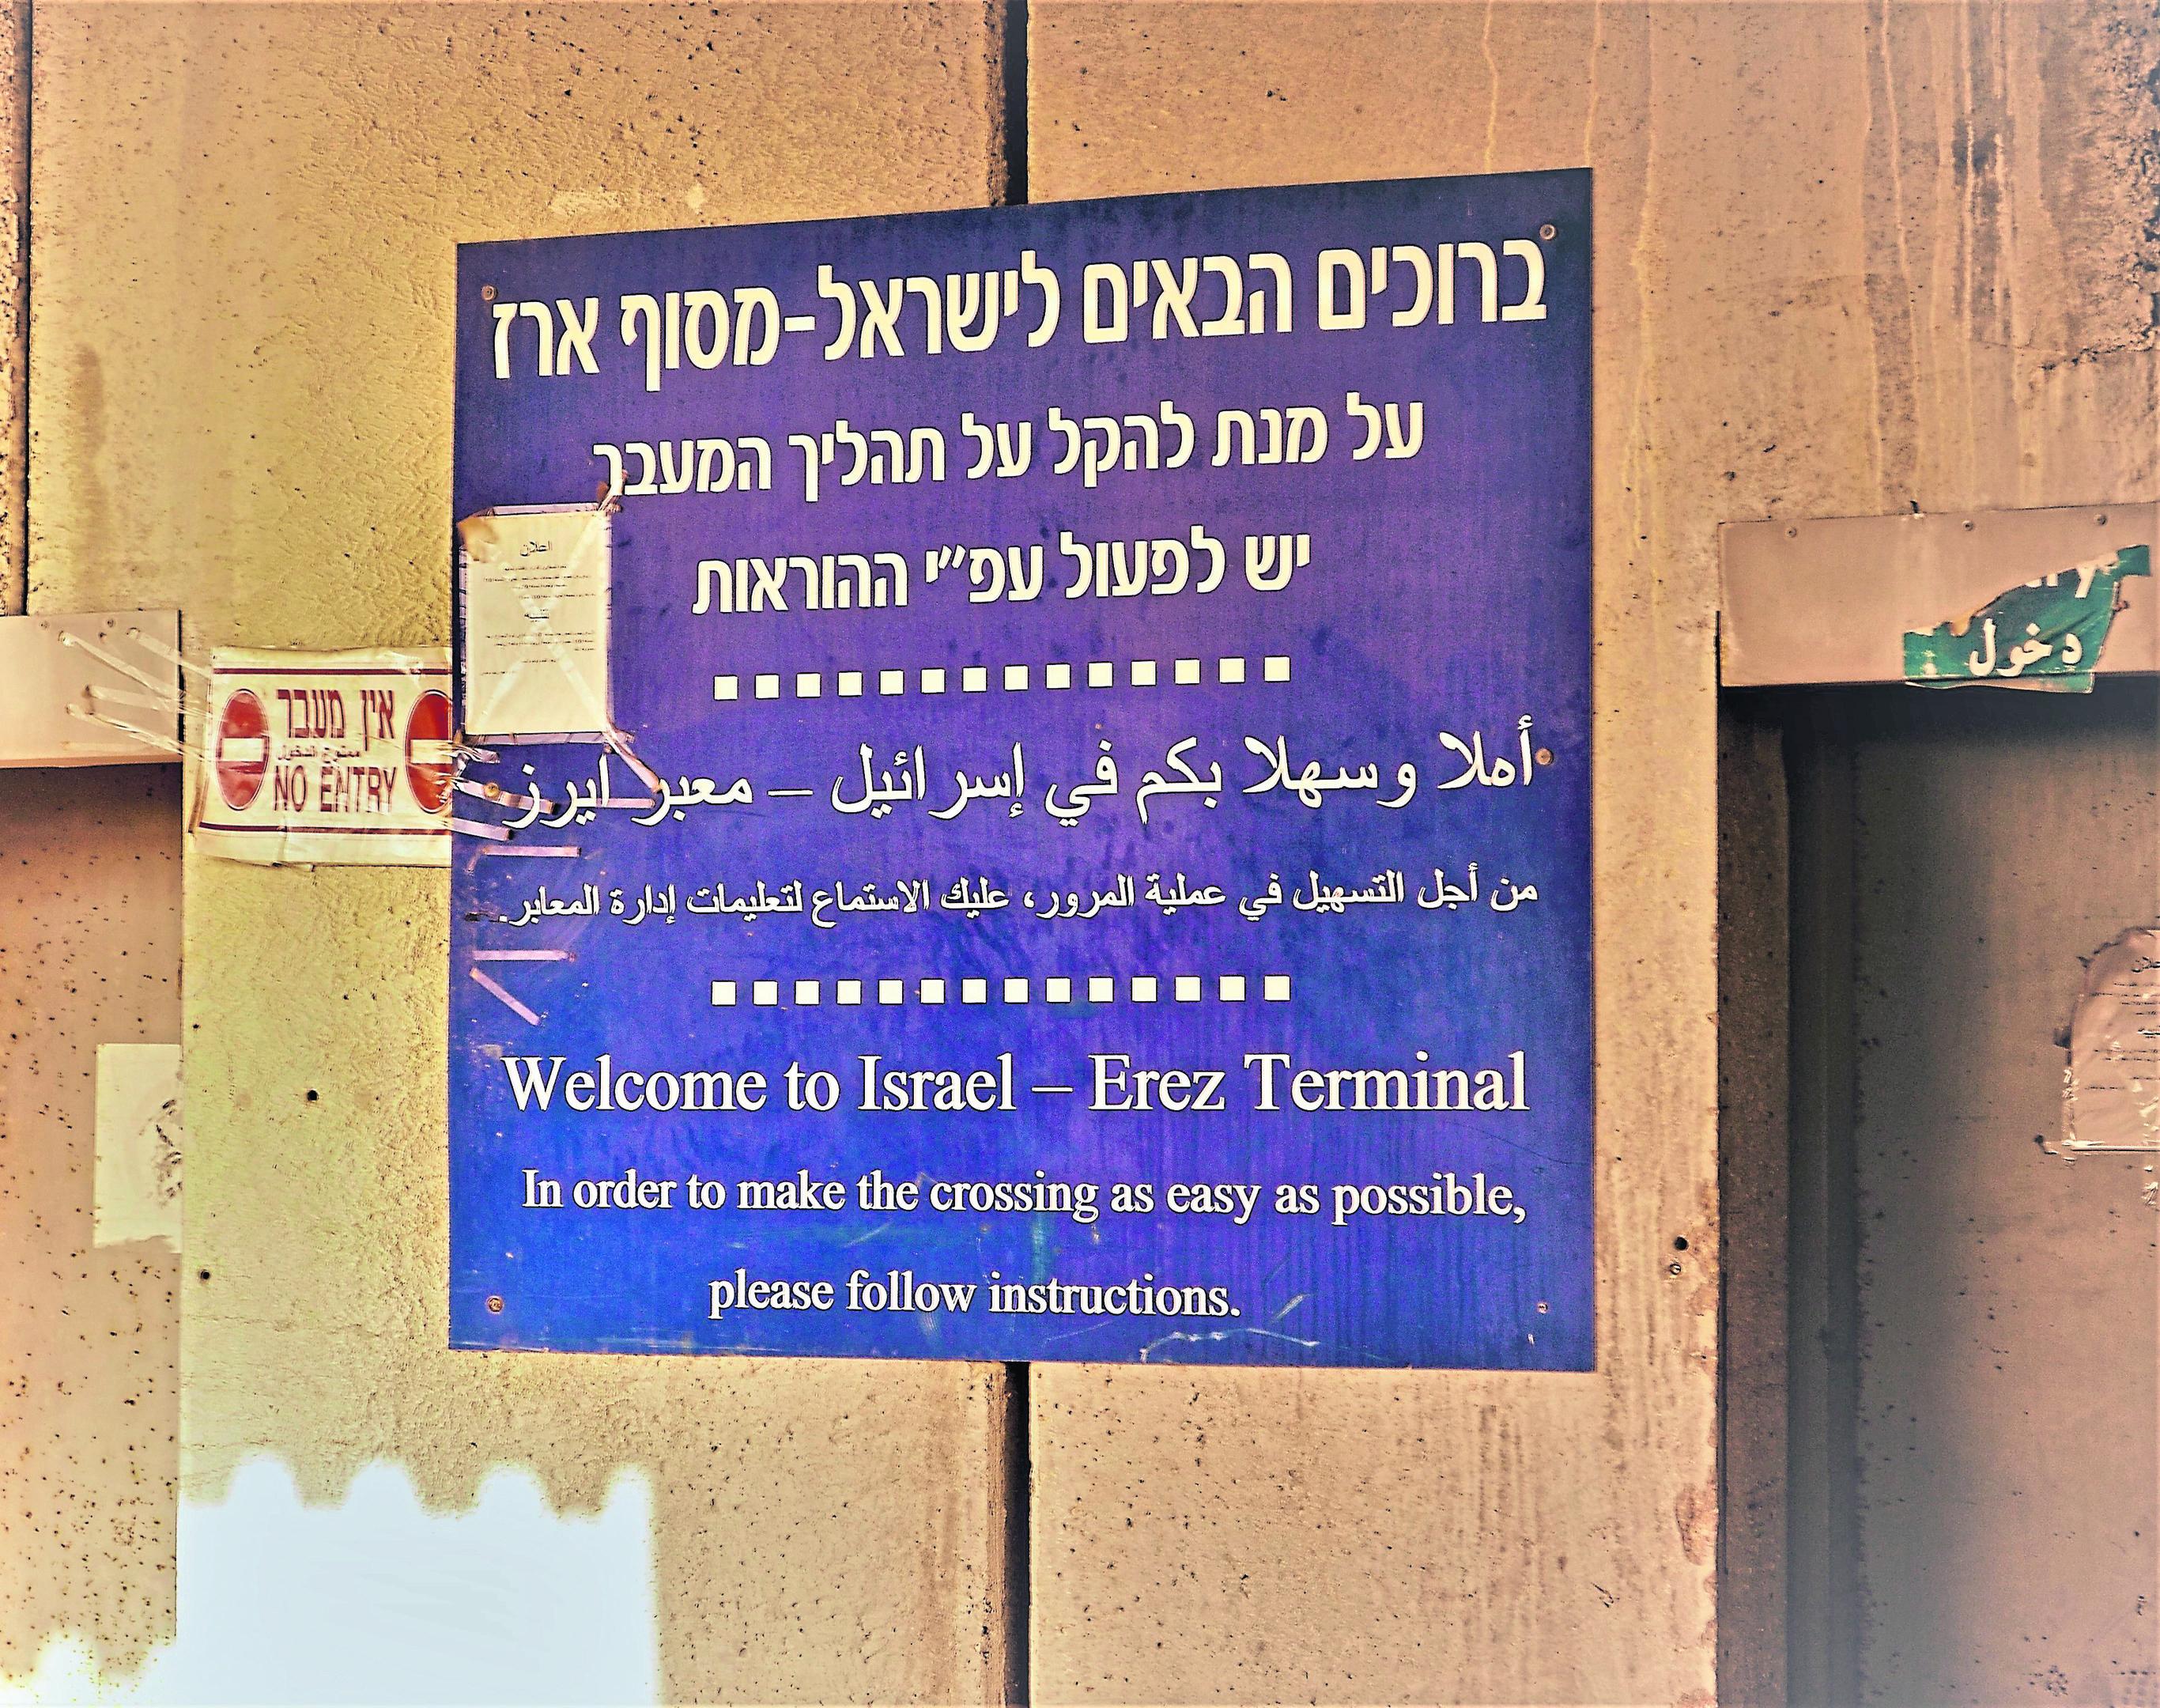 At the wall... stuck between Hamas and Israel.